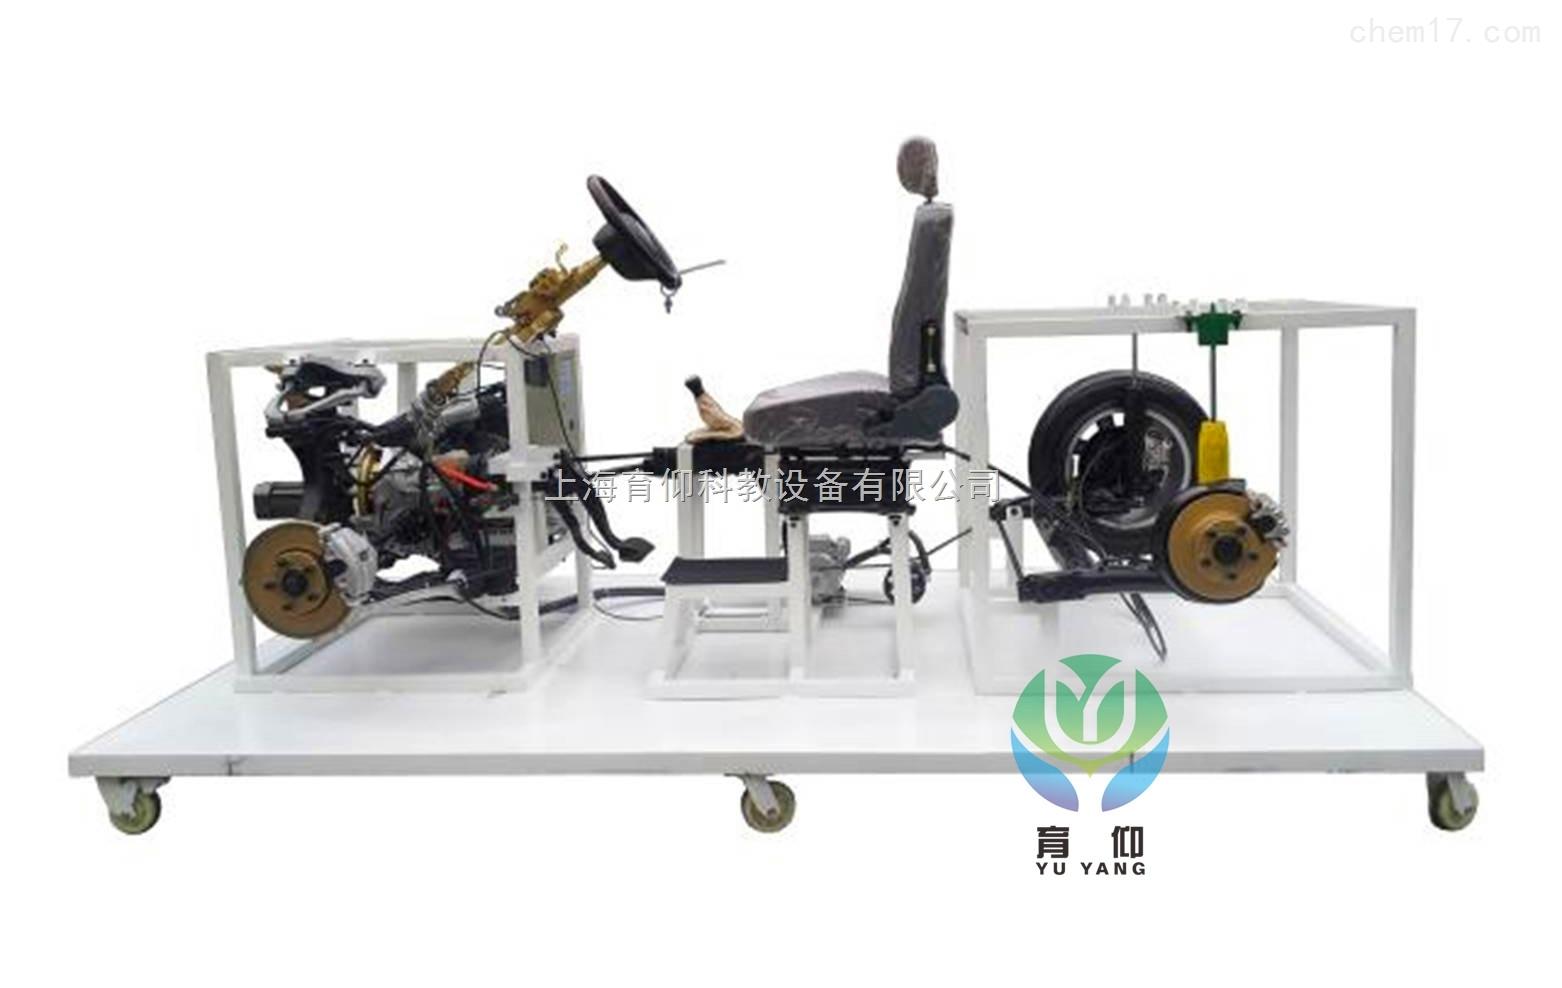 yuy-jg56整车悬架结构展示与拆装实训台(桑塔纳)|汽车底盘实训设备